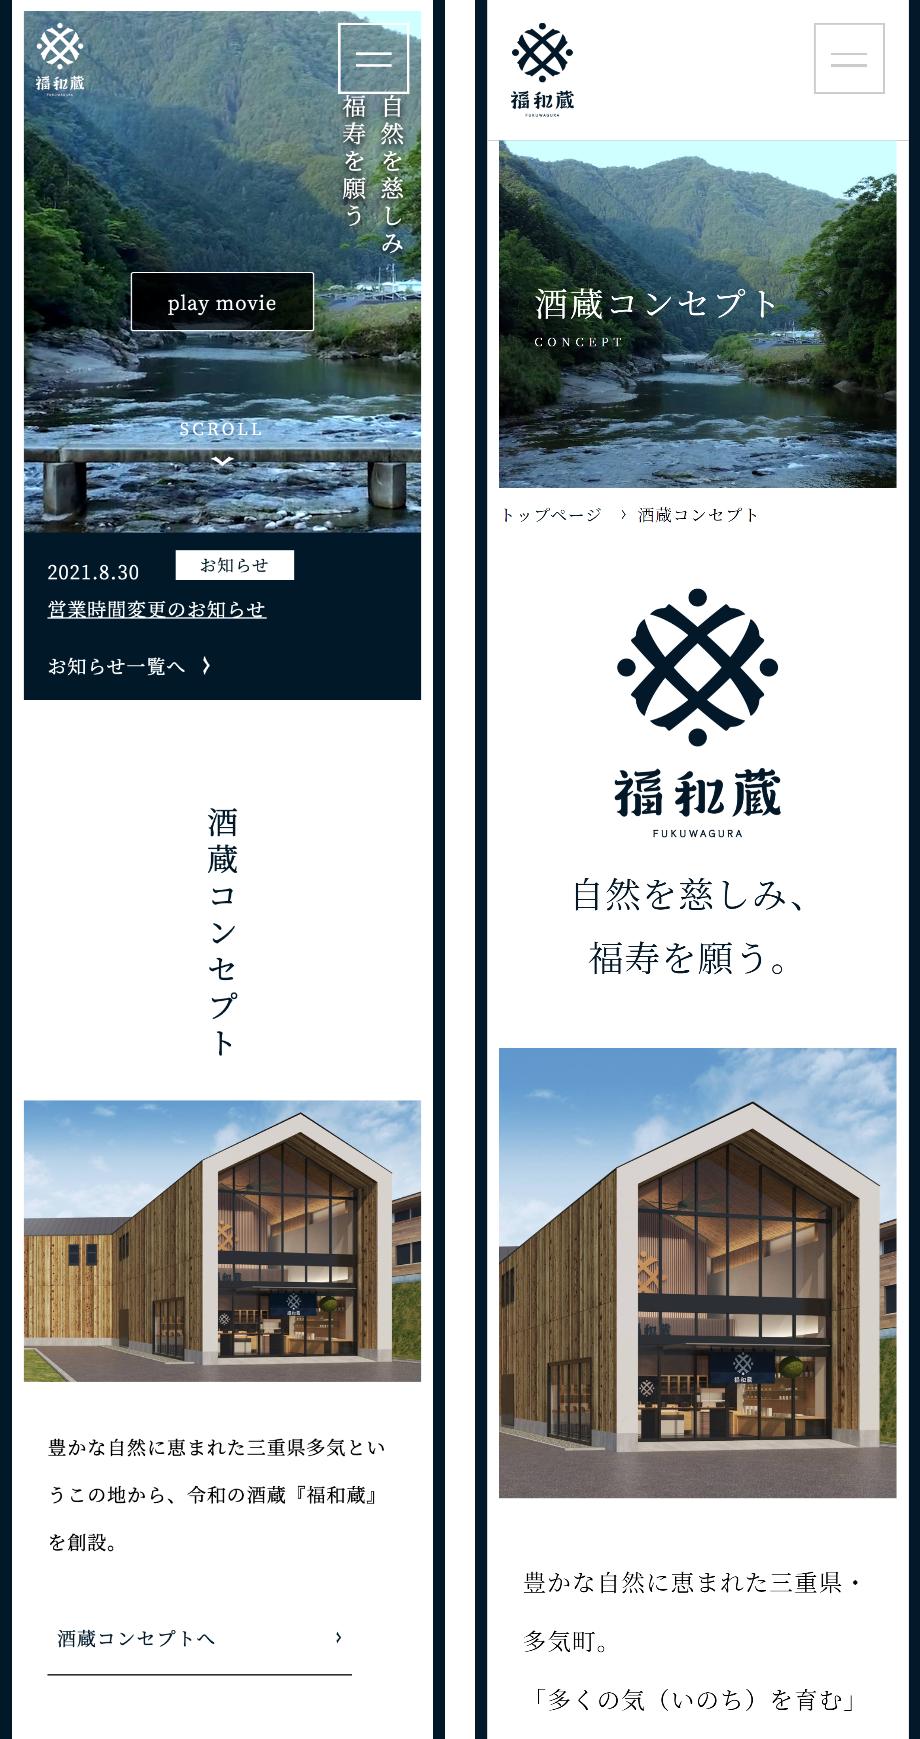 福和蔵(井村屋)のSPトップページ画像